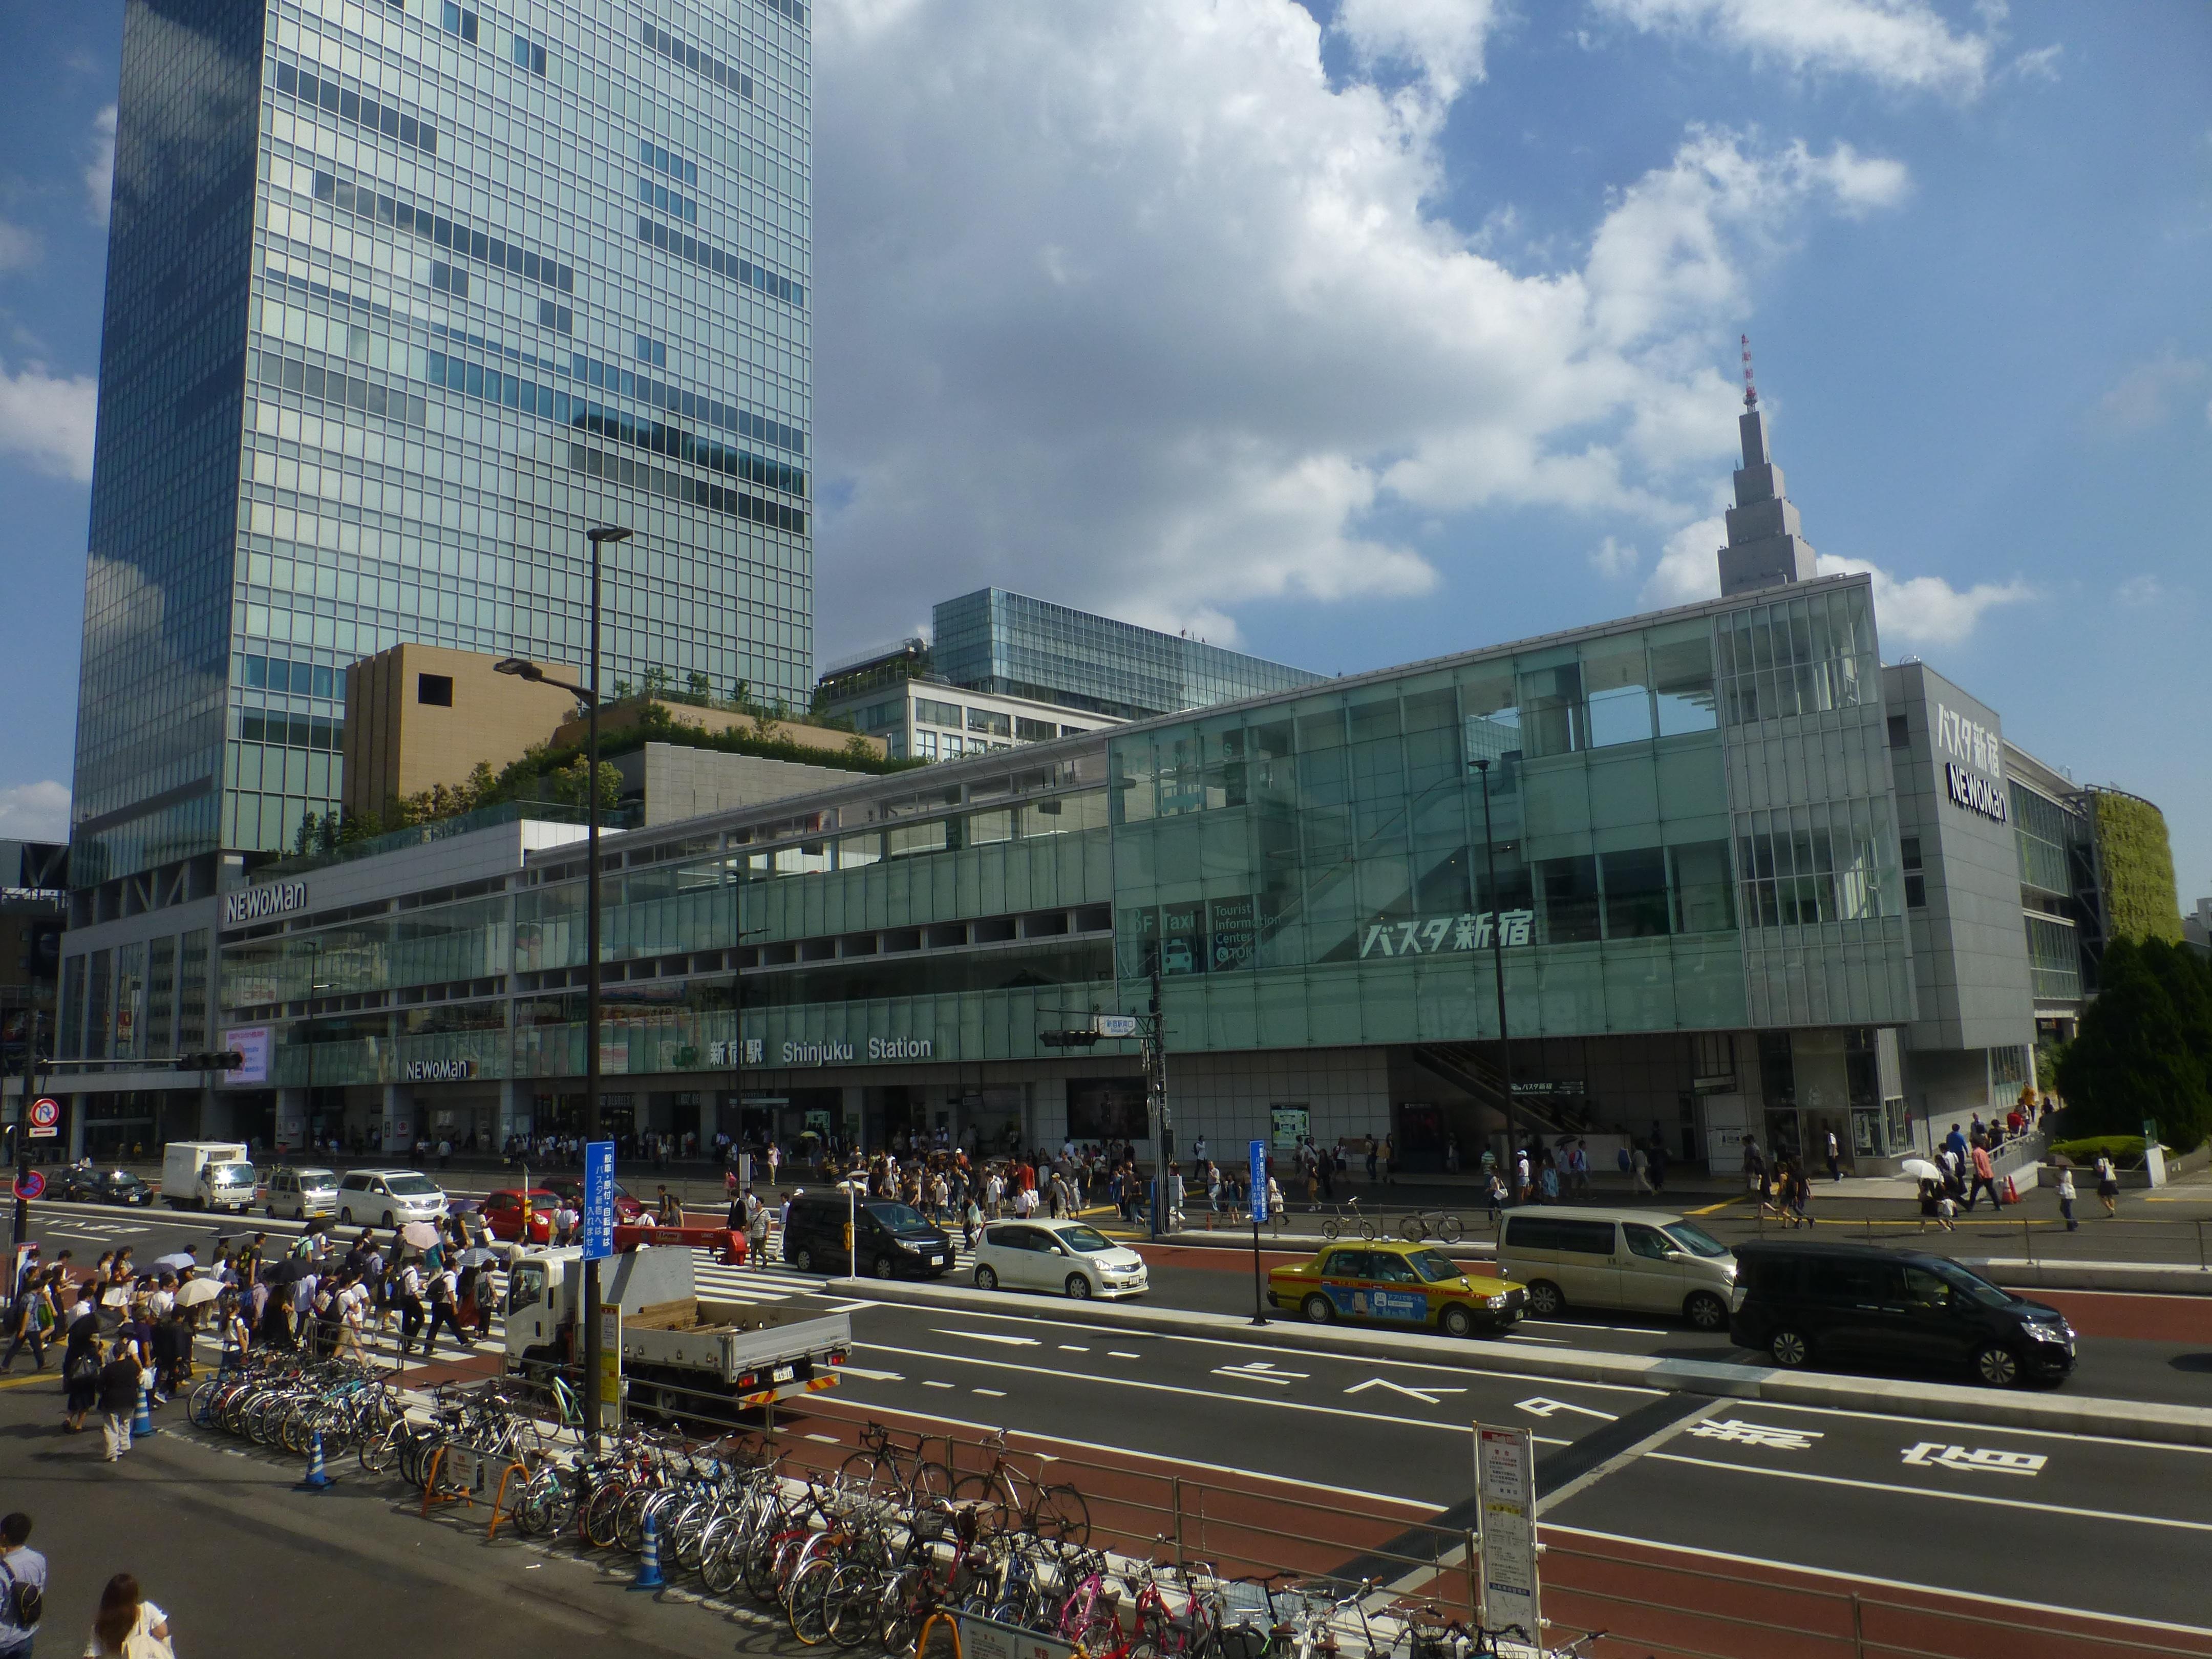 Shinjuku Expressway Bus Terminal - Wikipedia